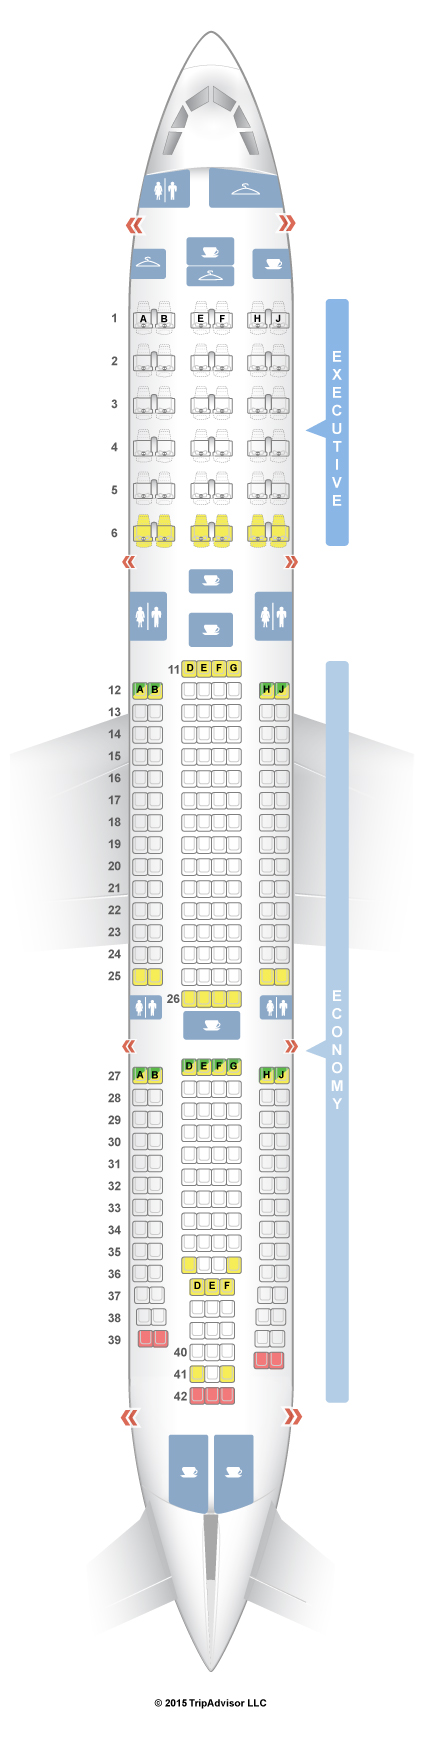 WestJet Business Plan Appears